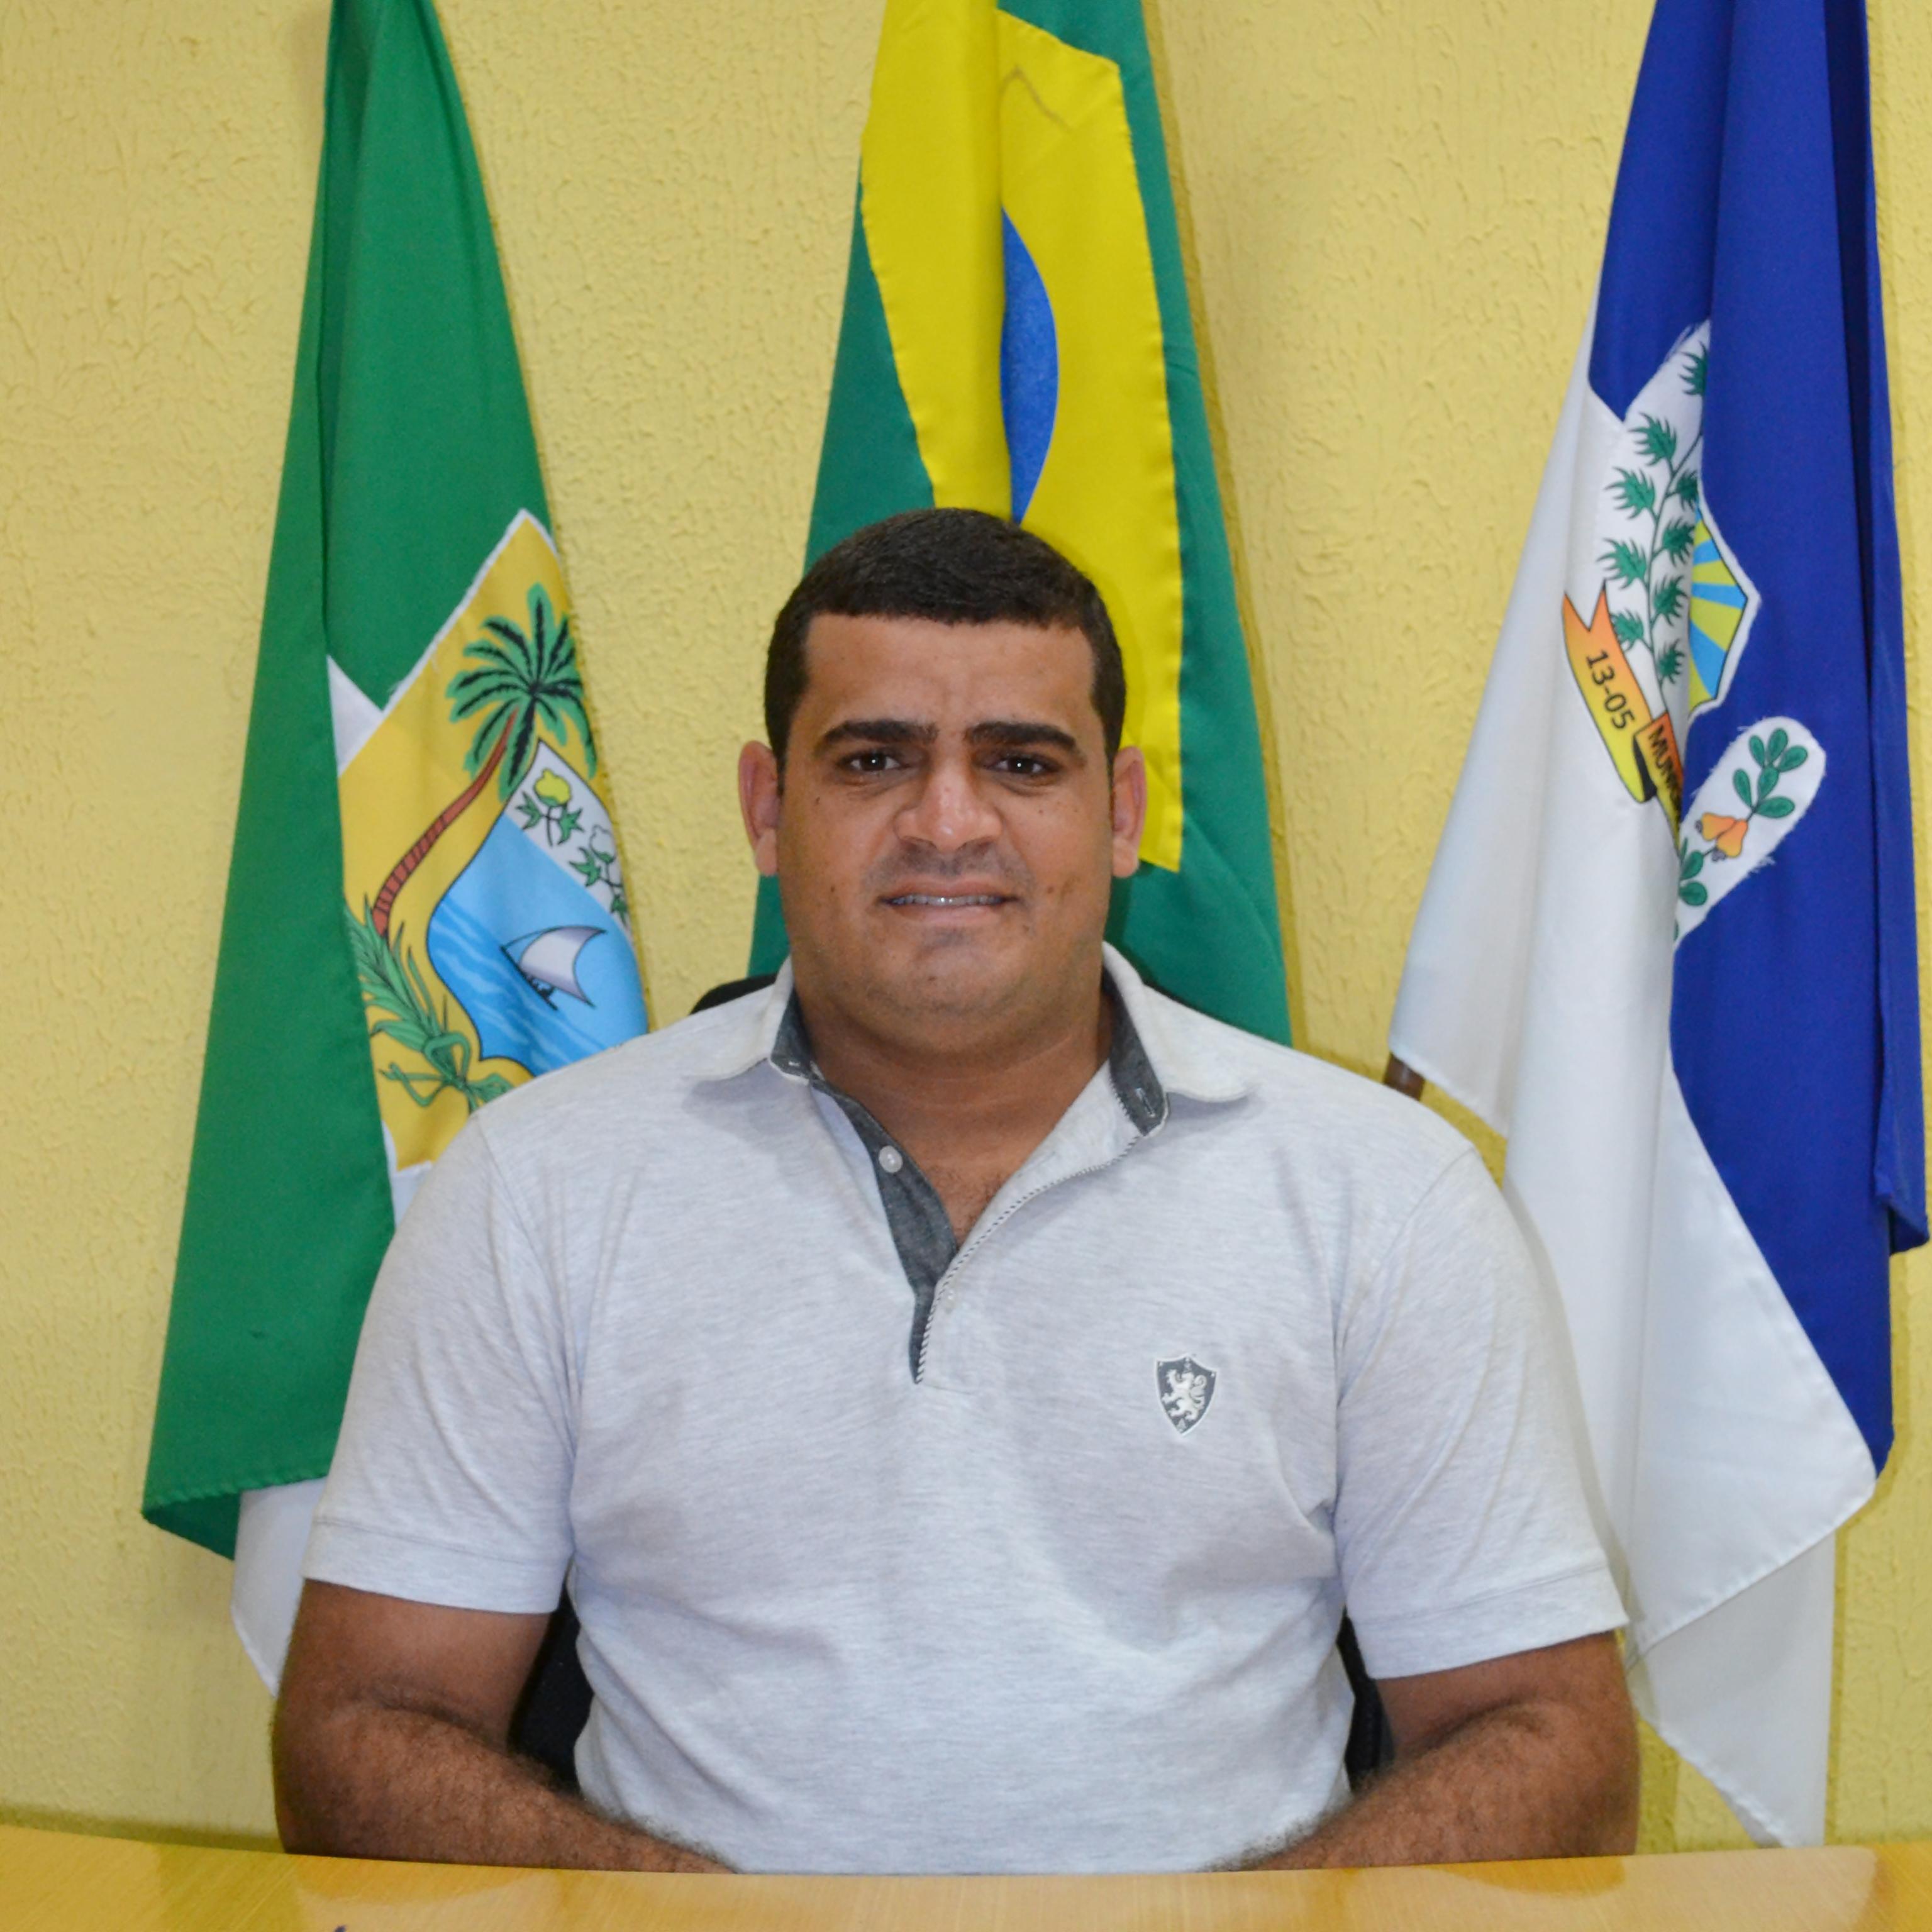 Aristeu Costa Linhares de Andrade